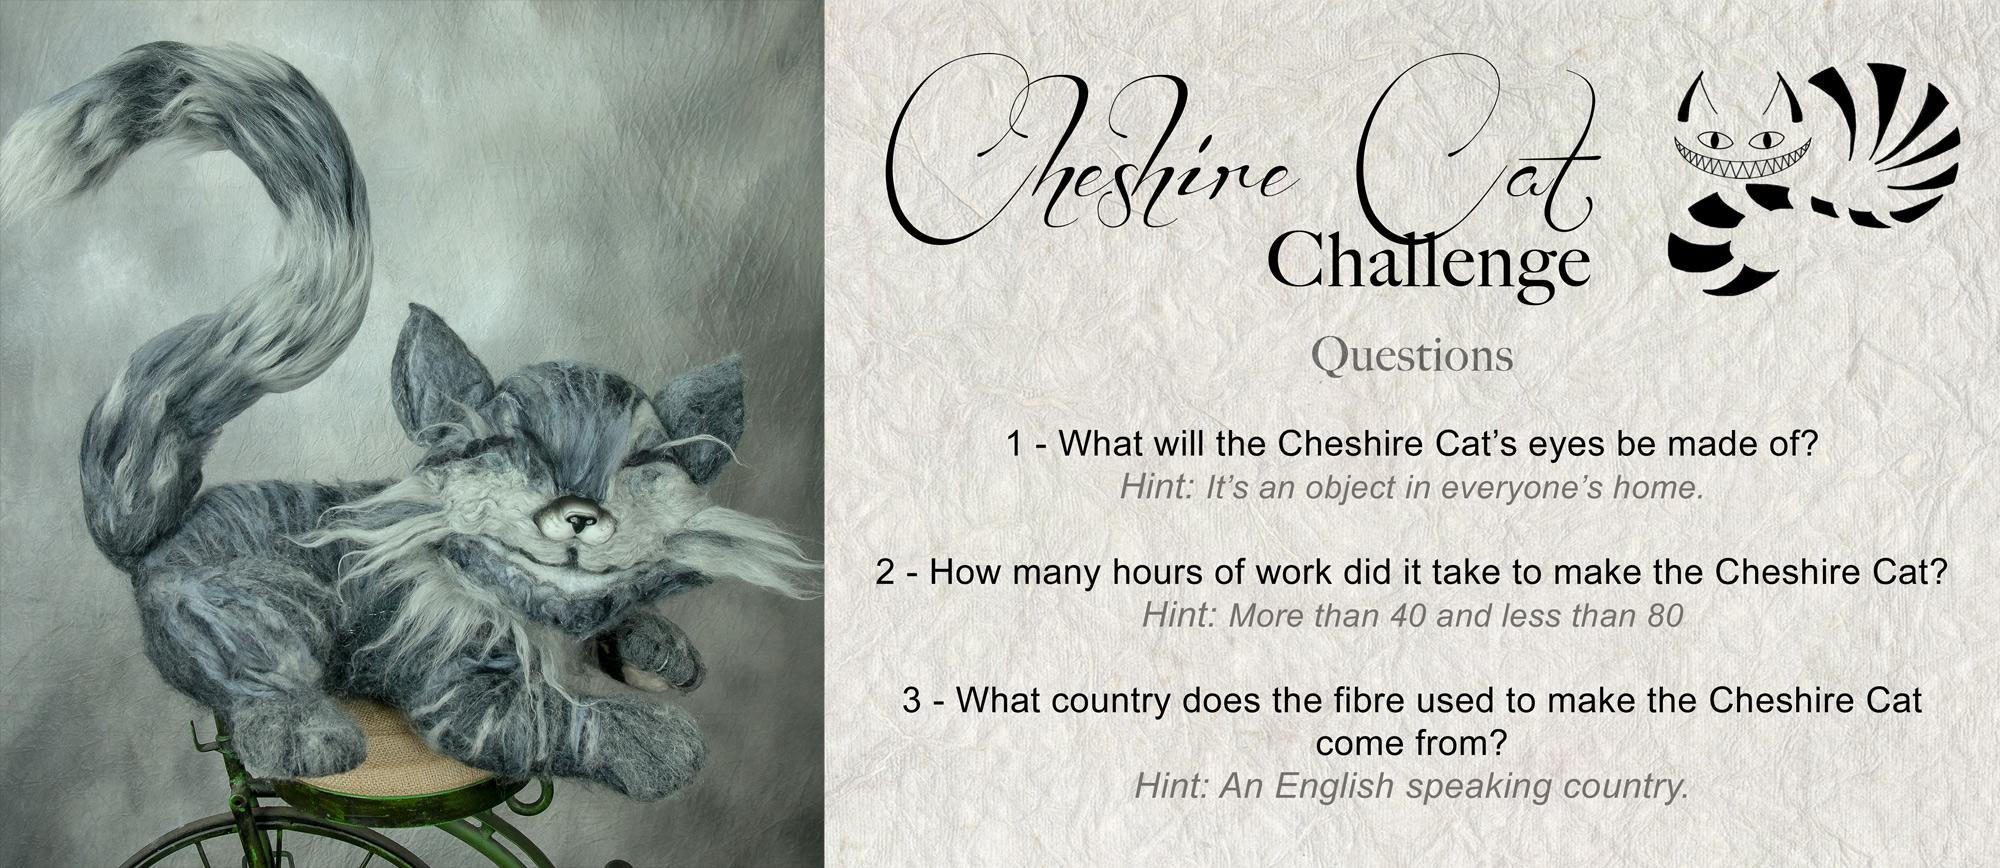 cheshire-cat-challenge.jpg